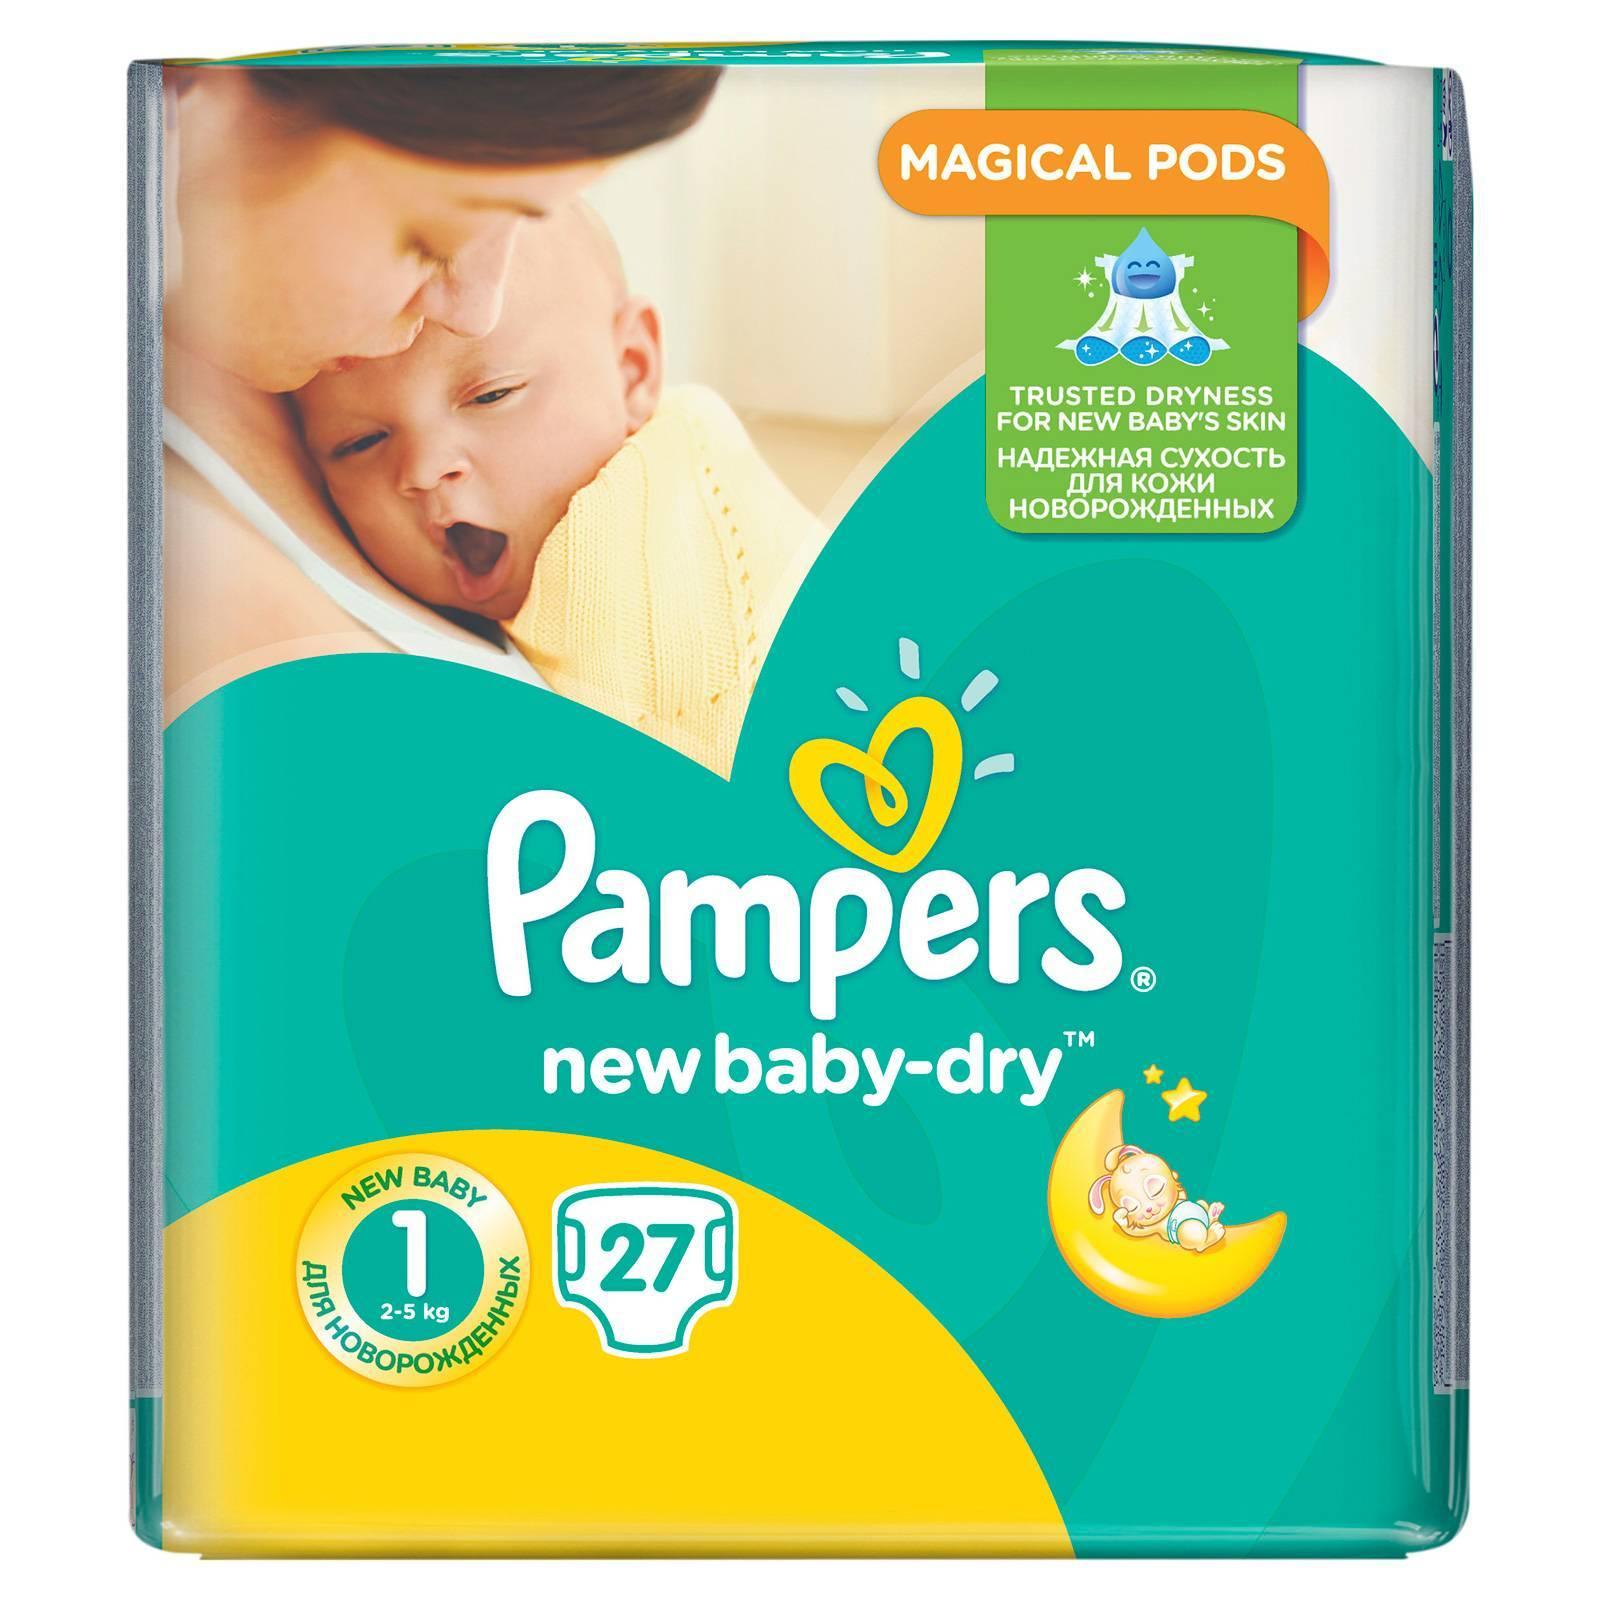 Pampers - революция для миллионов семей. история марки. интересные факты.